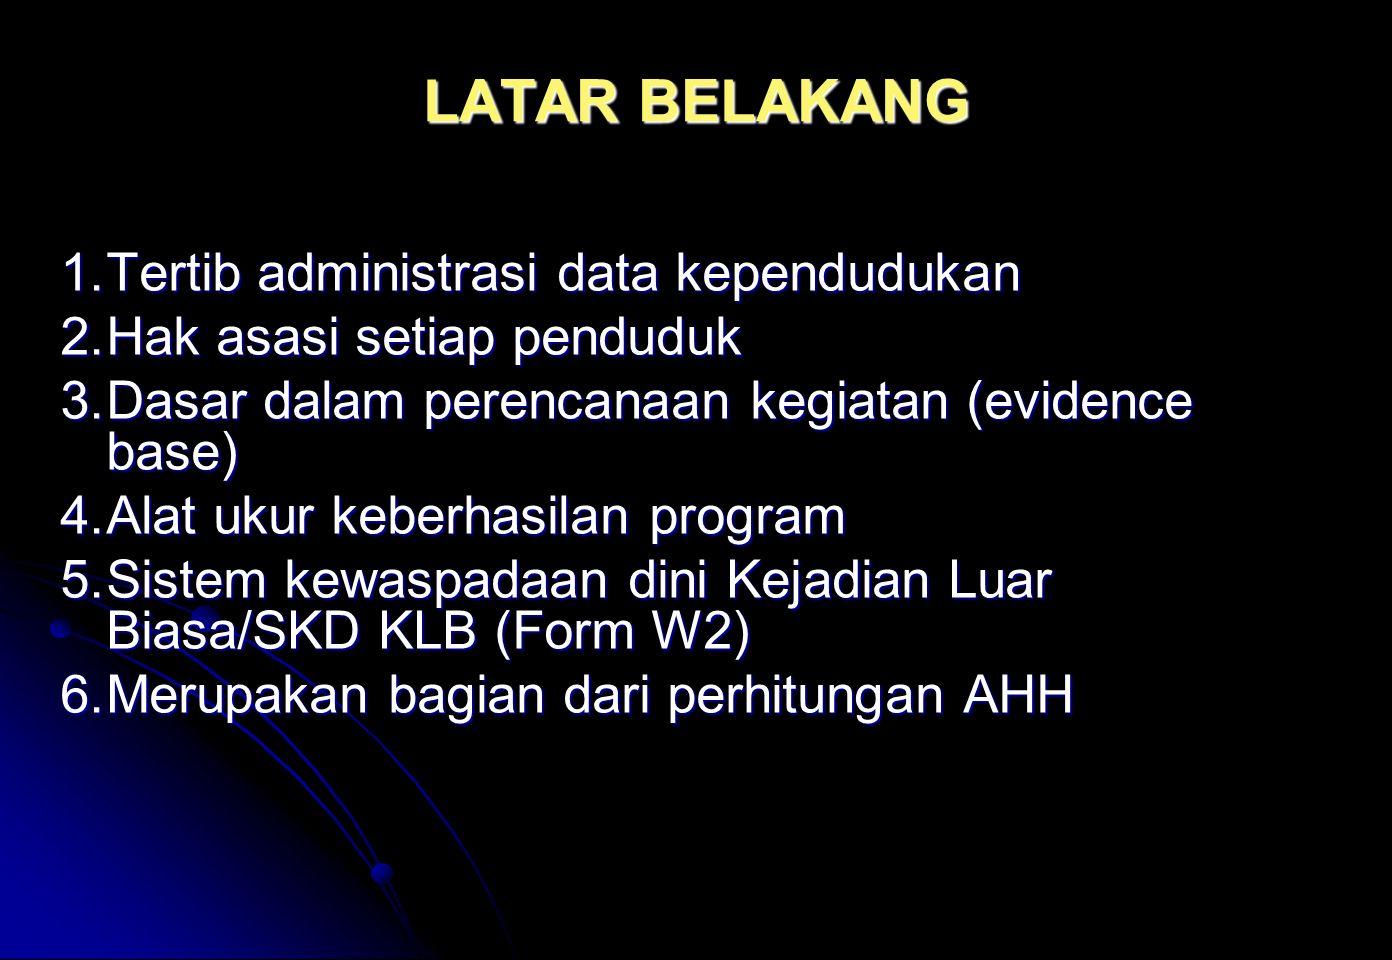 DASAR HUKUM 1.Undang – Undang Nomor 62 Tahun 1958 tentang Kewarganegaraan Republik Indonesia sebagaimana telah diubah dengan Undang - Undang nomor 3 Tahun 1976 tentang perubahan pasal 18 Undang – Undang Nomor 62 Tahun 1958 2.Undang – Undang Nomor 22 Tahun 1999 tentang Pemerintah Daerah 3.Undang – Undang Nomor 39 Tahun 1999 tentang Hak Azasi Manusia 4.Undang – Undang Nomor 23 Tahun 2002 tentang Perlindungan Anak 5.Peraturan Pemerintah Nomor 25 Tahun 2000 tentang kewenangan pemerintah dan kewenangan propinsi sebagai daerah otonom 6.Instruksi Menteri Dalam Negeri Nomor 474.1-311 Tahun 1986 tentang Dispensasi penerbitan akta kelahiran 7.Panduan Pencatatan Kelahiran, Lahir mati dan kematian (Depdagri, Dirjen.